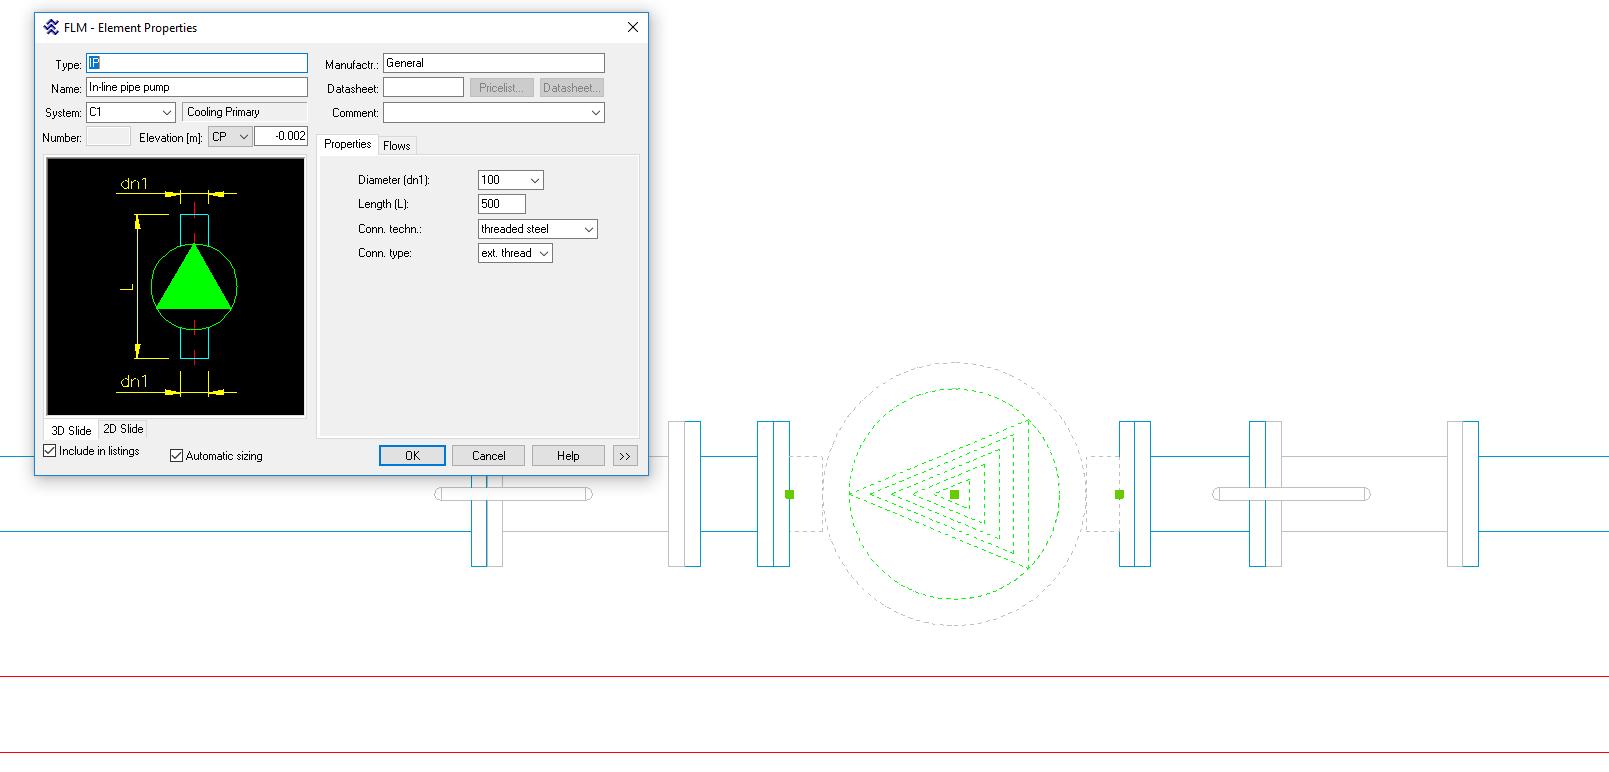 HYDRONICPACK Placing elements 2D 2 EN 1